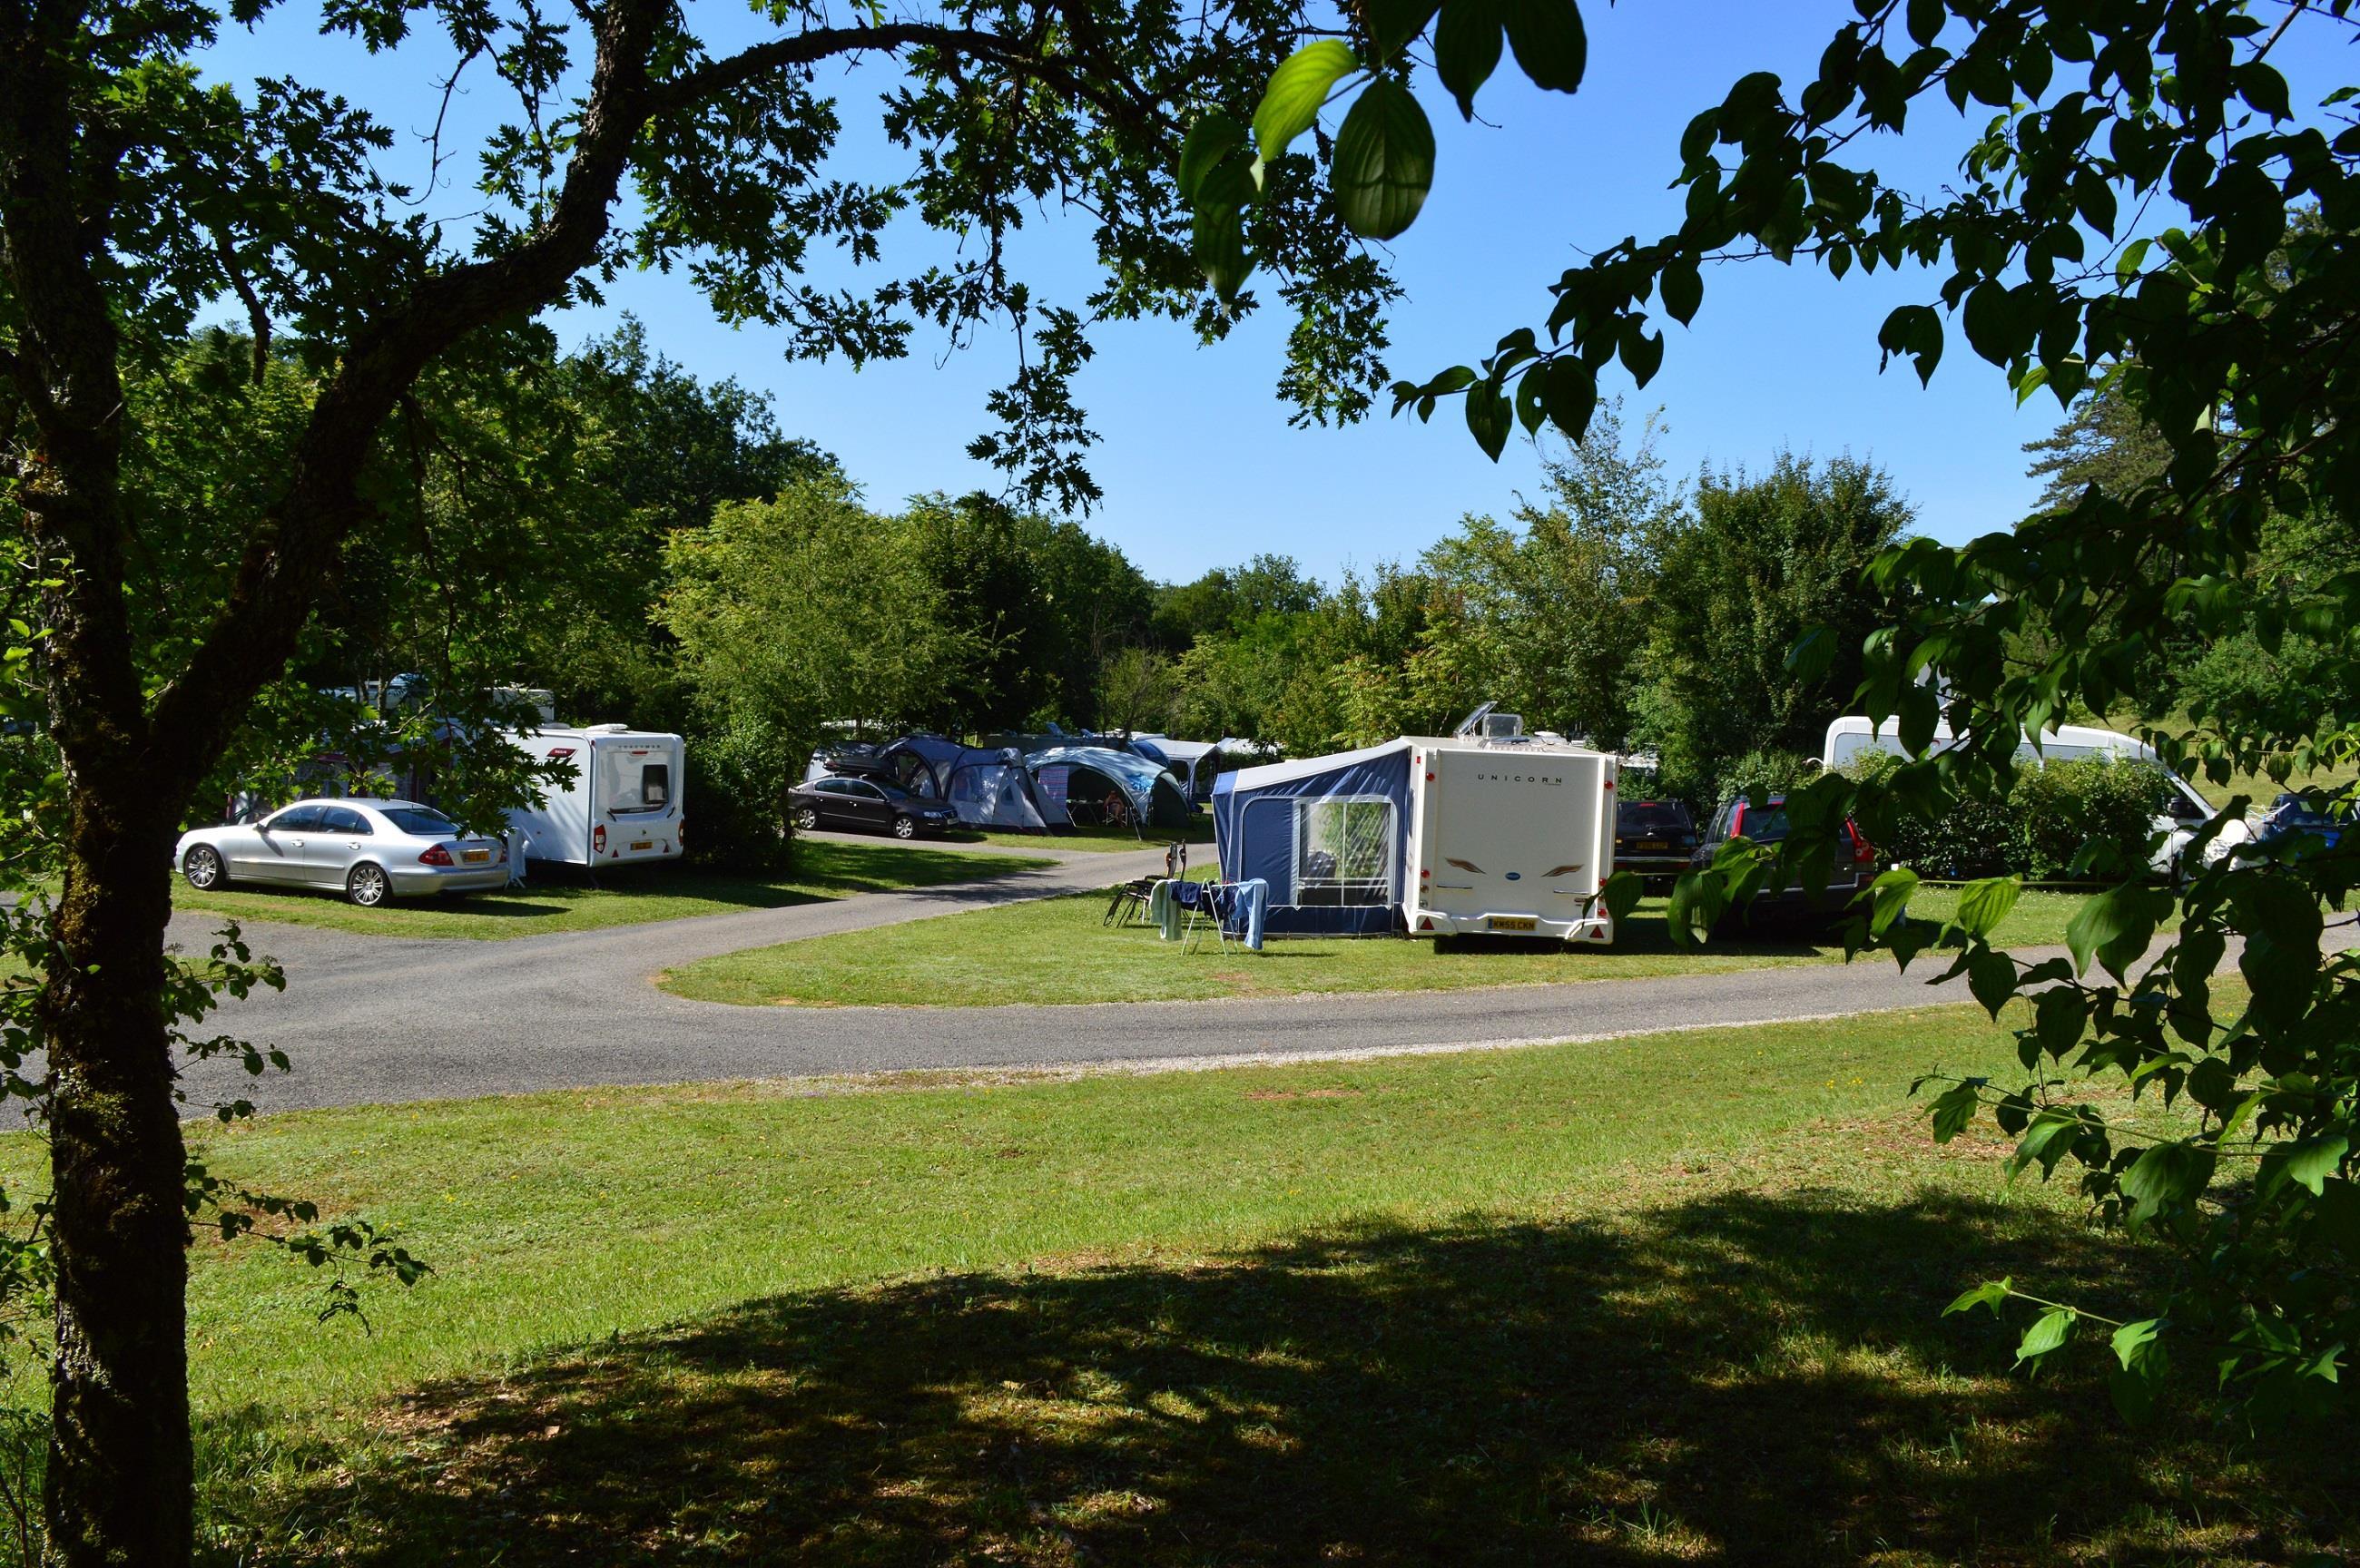 Camping Chateau de Lacomte, Carlucet, Lot